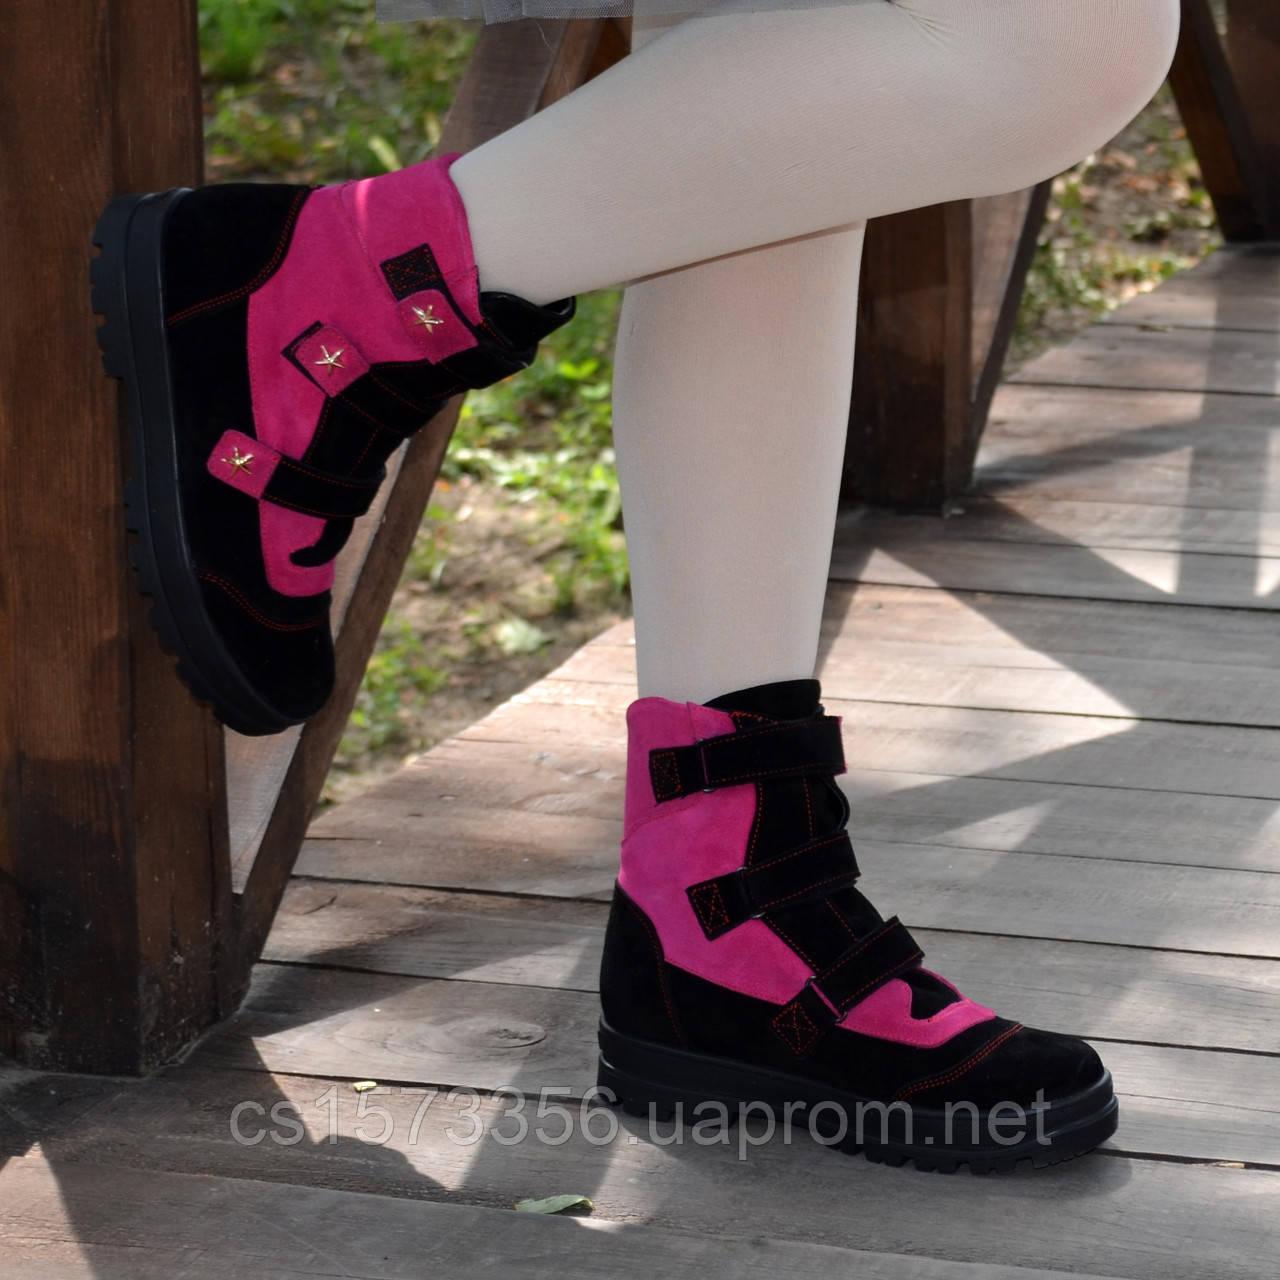 Ботинки детские замшевые на липучках. Цвет черный/фуксия